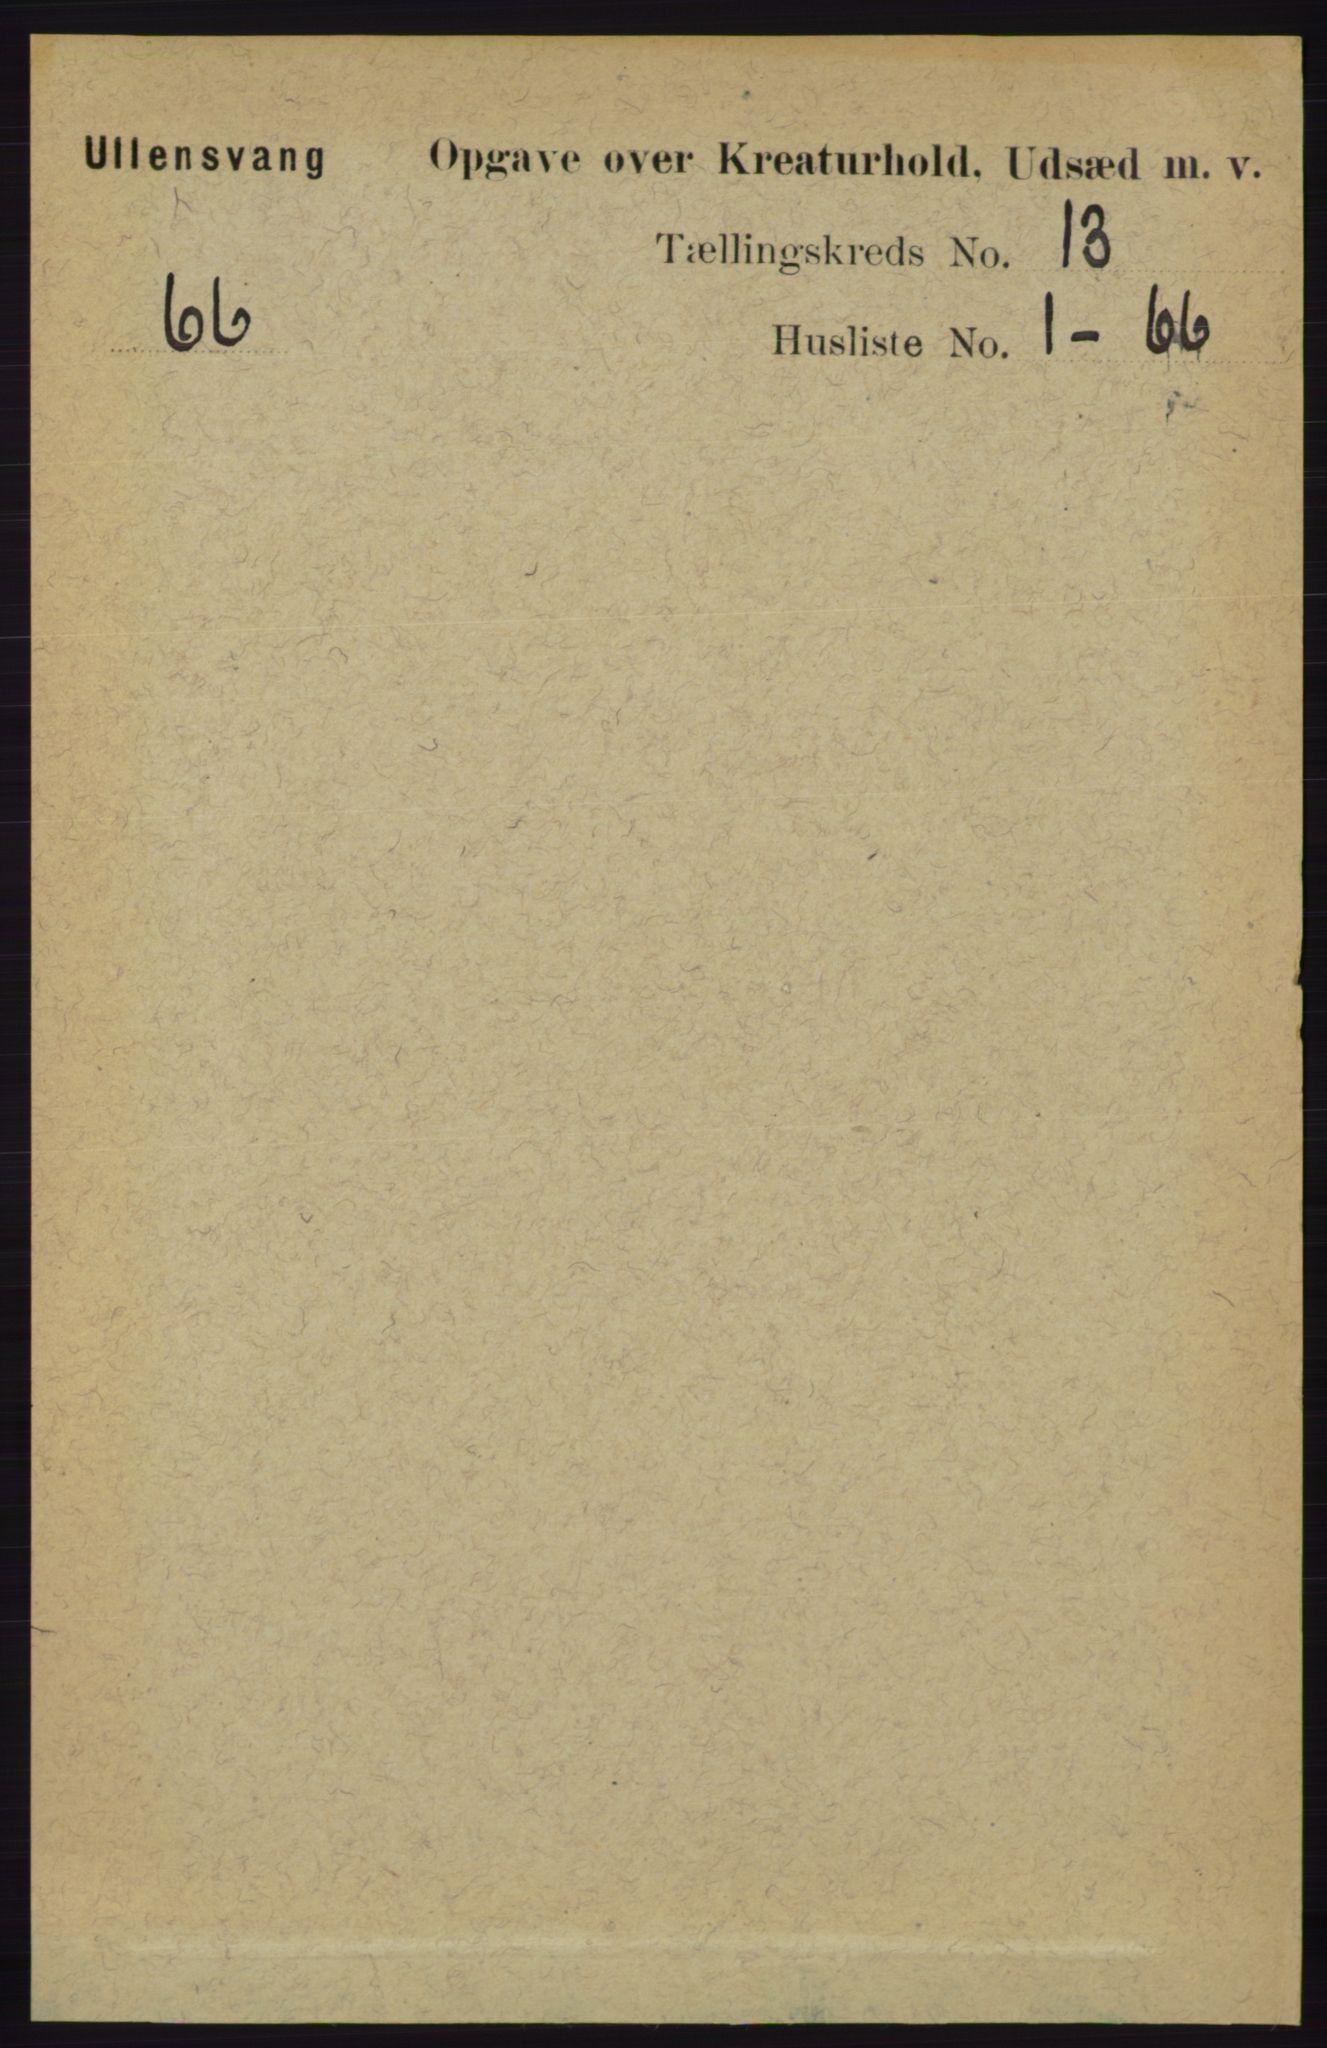 RA, Folketelling 1891 for 1230 Ullensvang herred, 1891, s. 8162